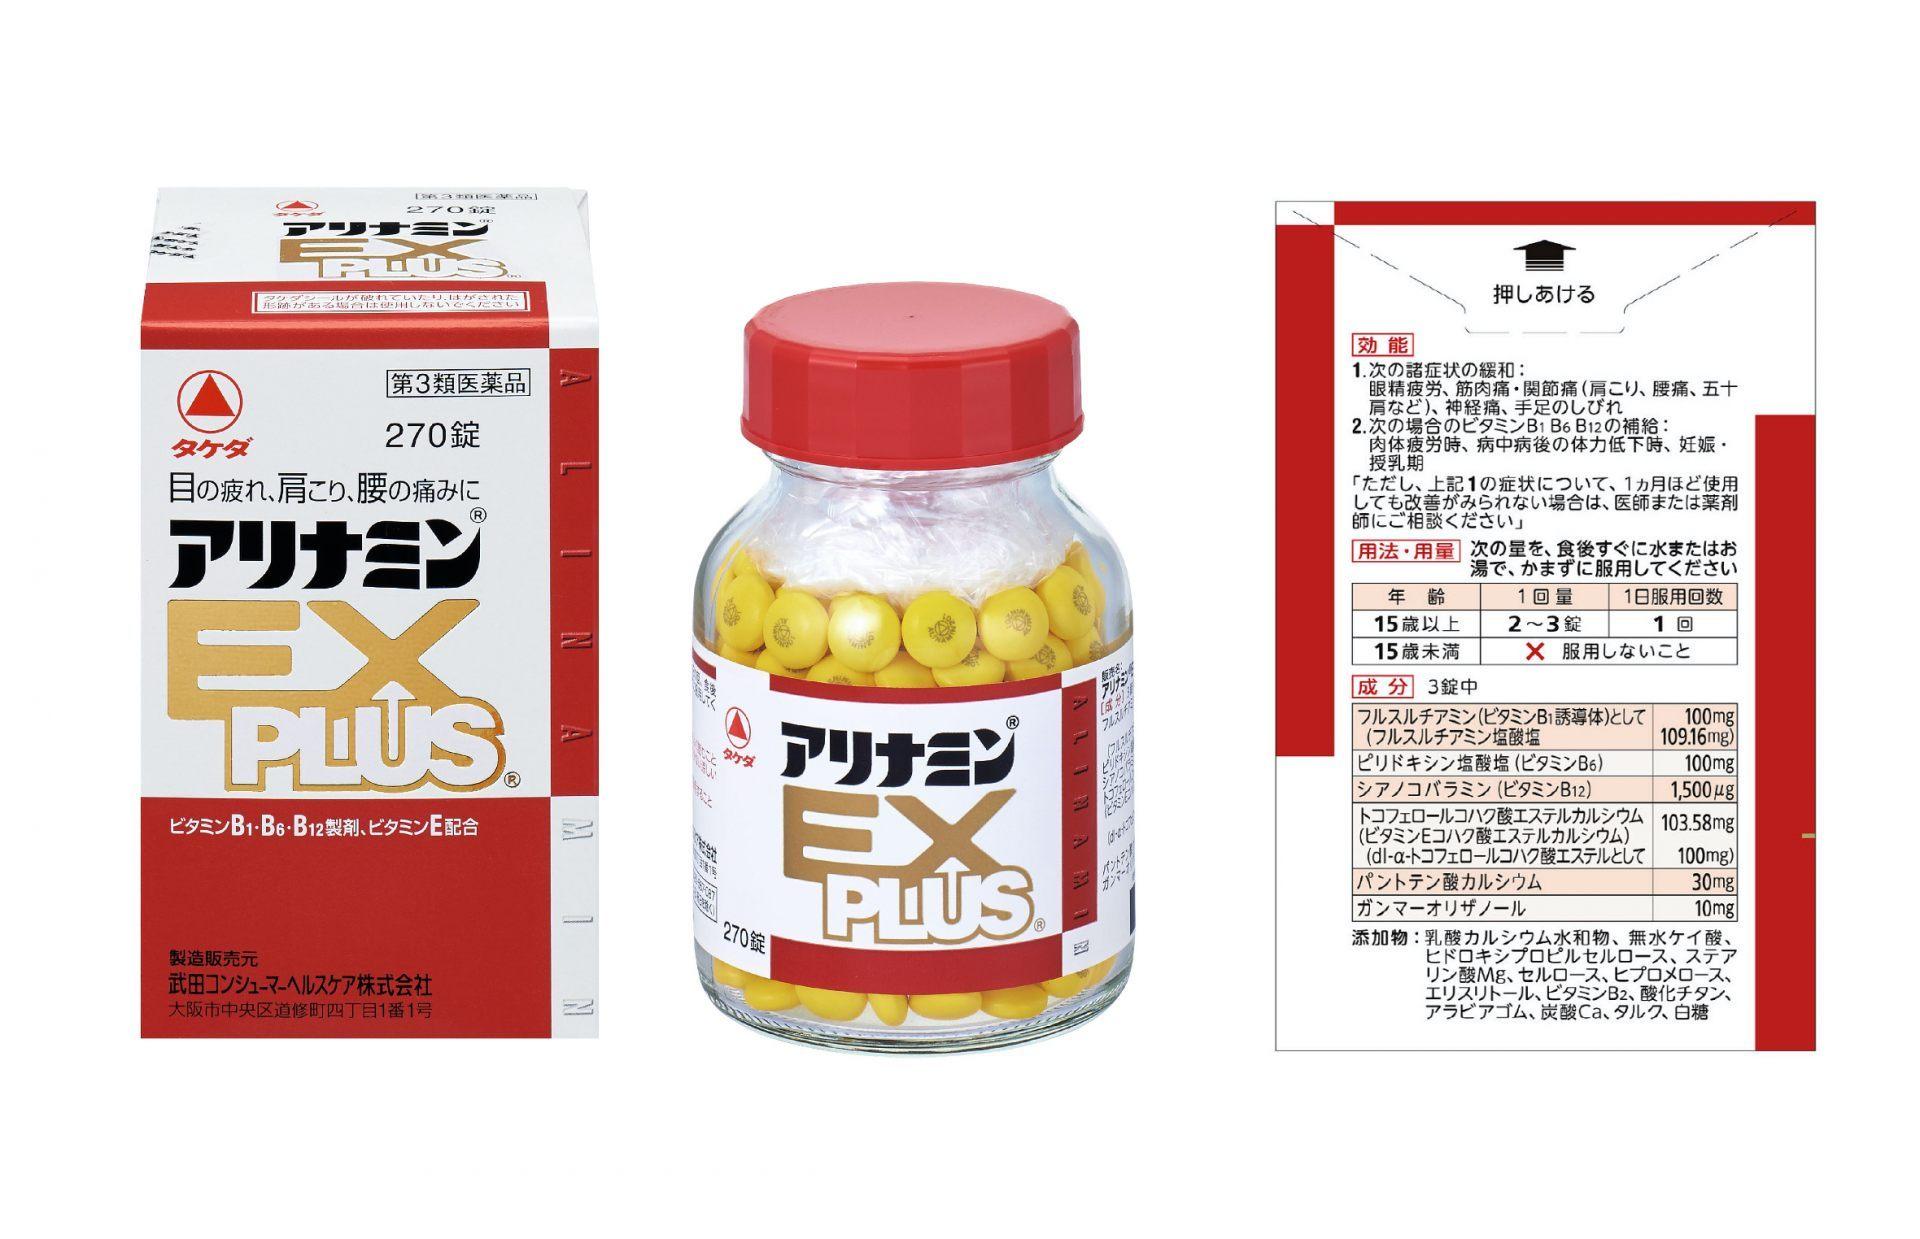 合利他命EX PLUS強效錠(第3類醫療品) 眼部、肩部、腰部出現疲勞症狀時